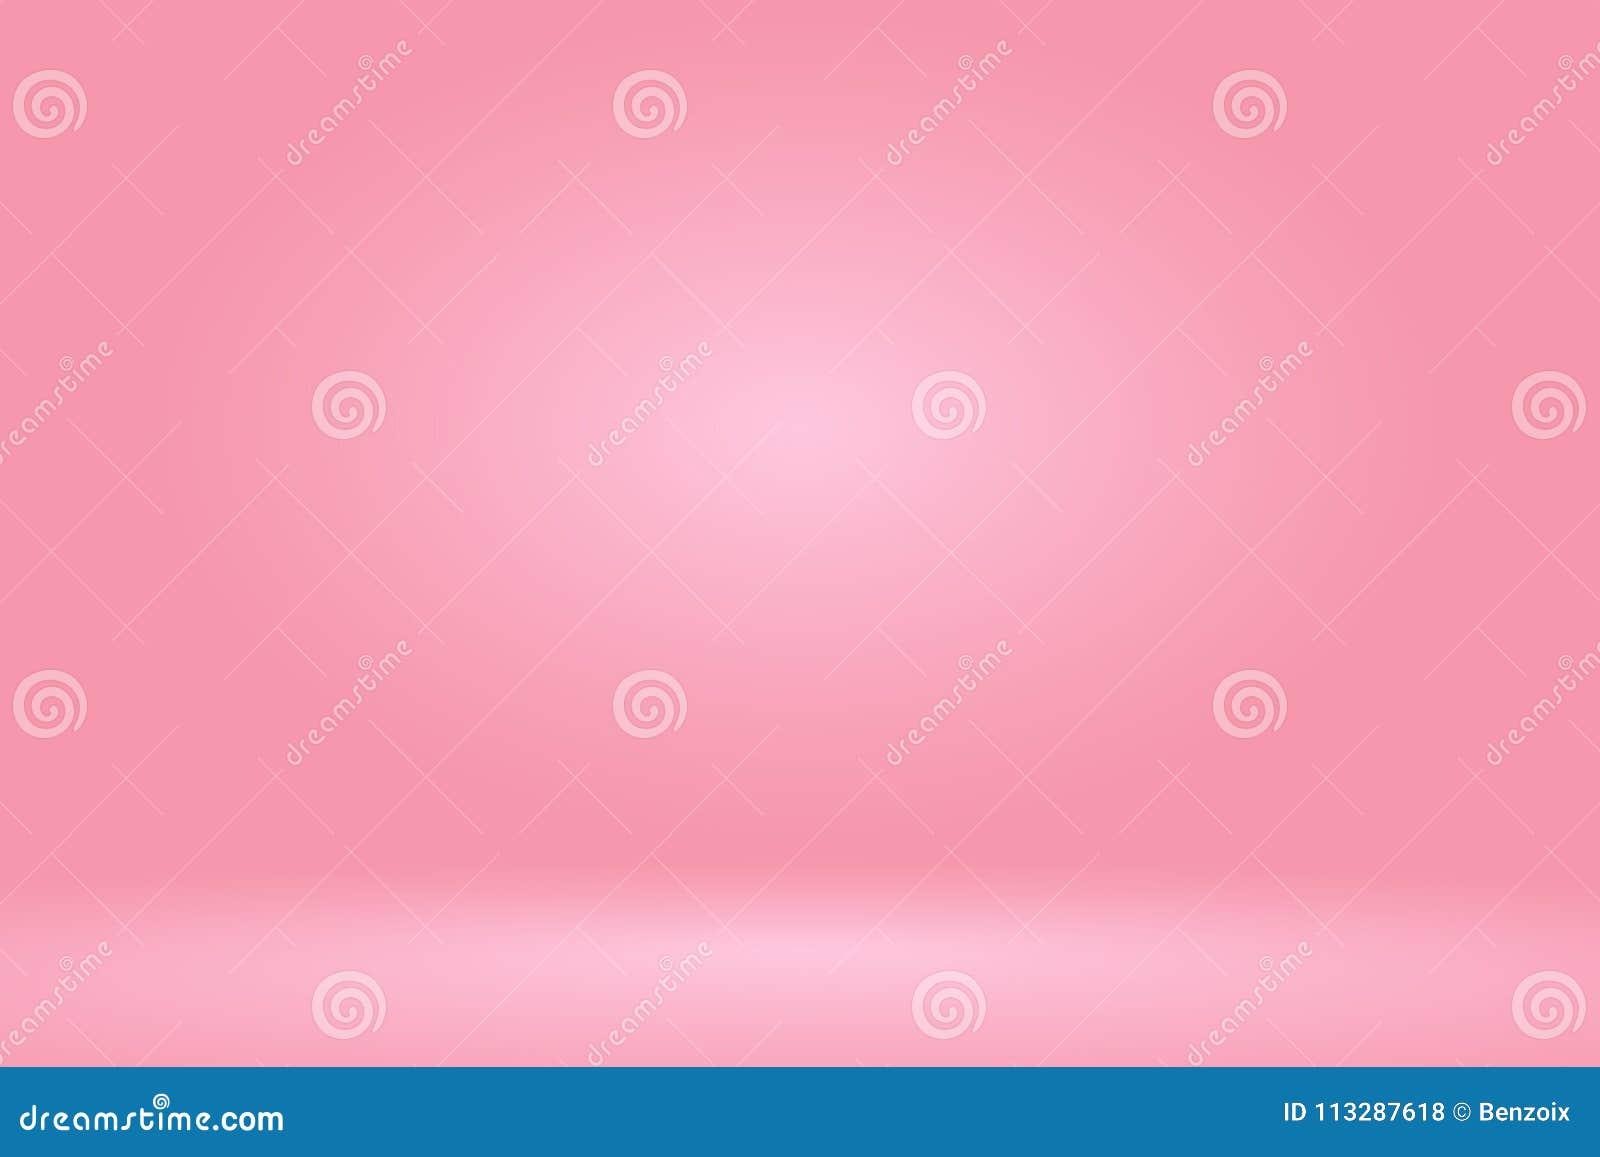 Vektor: Leerer Pastellpfirsichstudio-Raumhintergrund, Schablonenspott oben für Anzeige des Produktes, Geschäftshintergrund